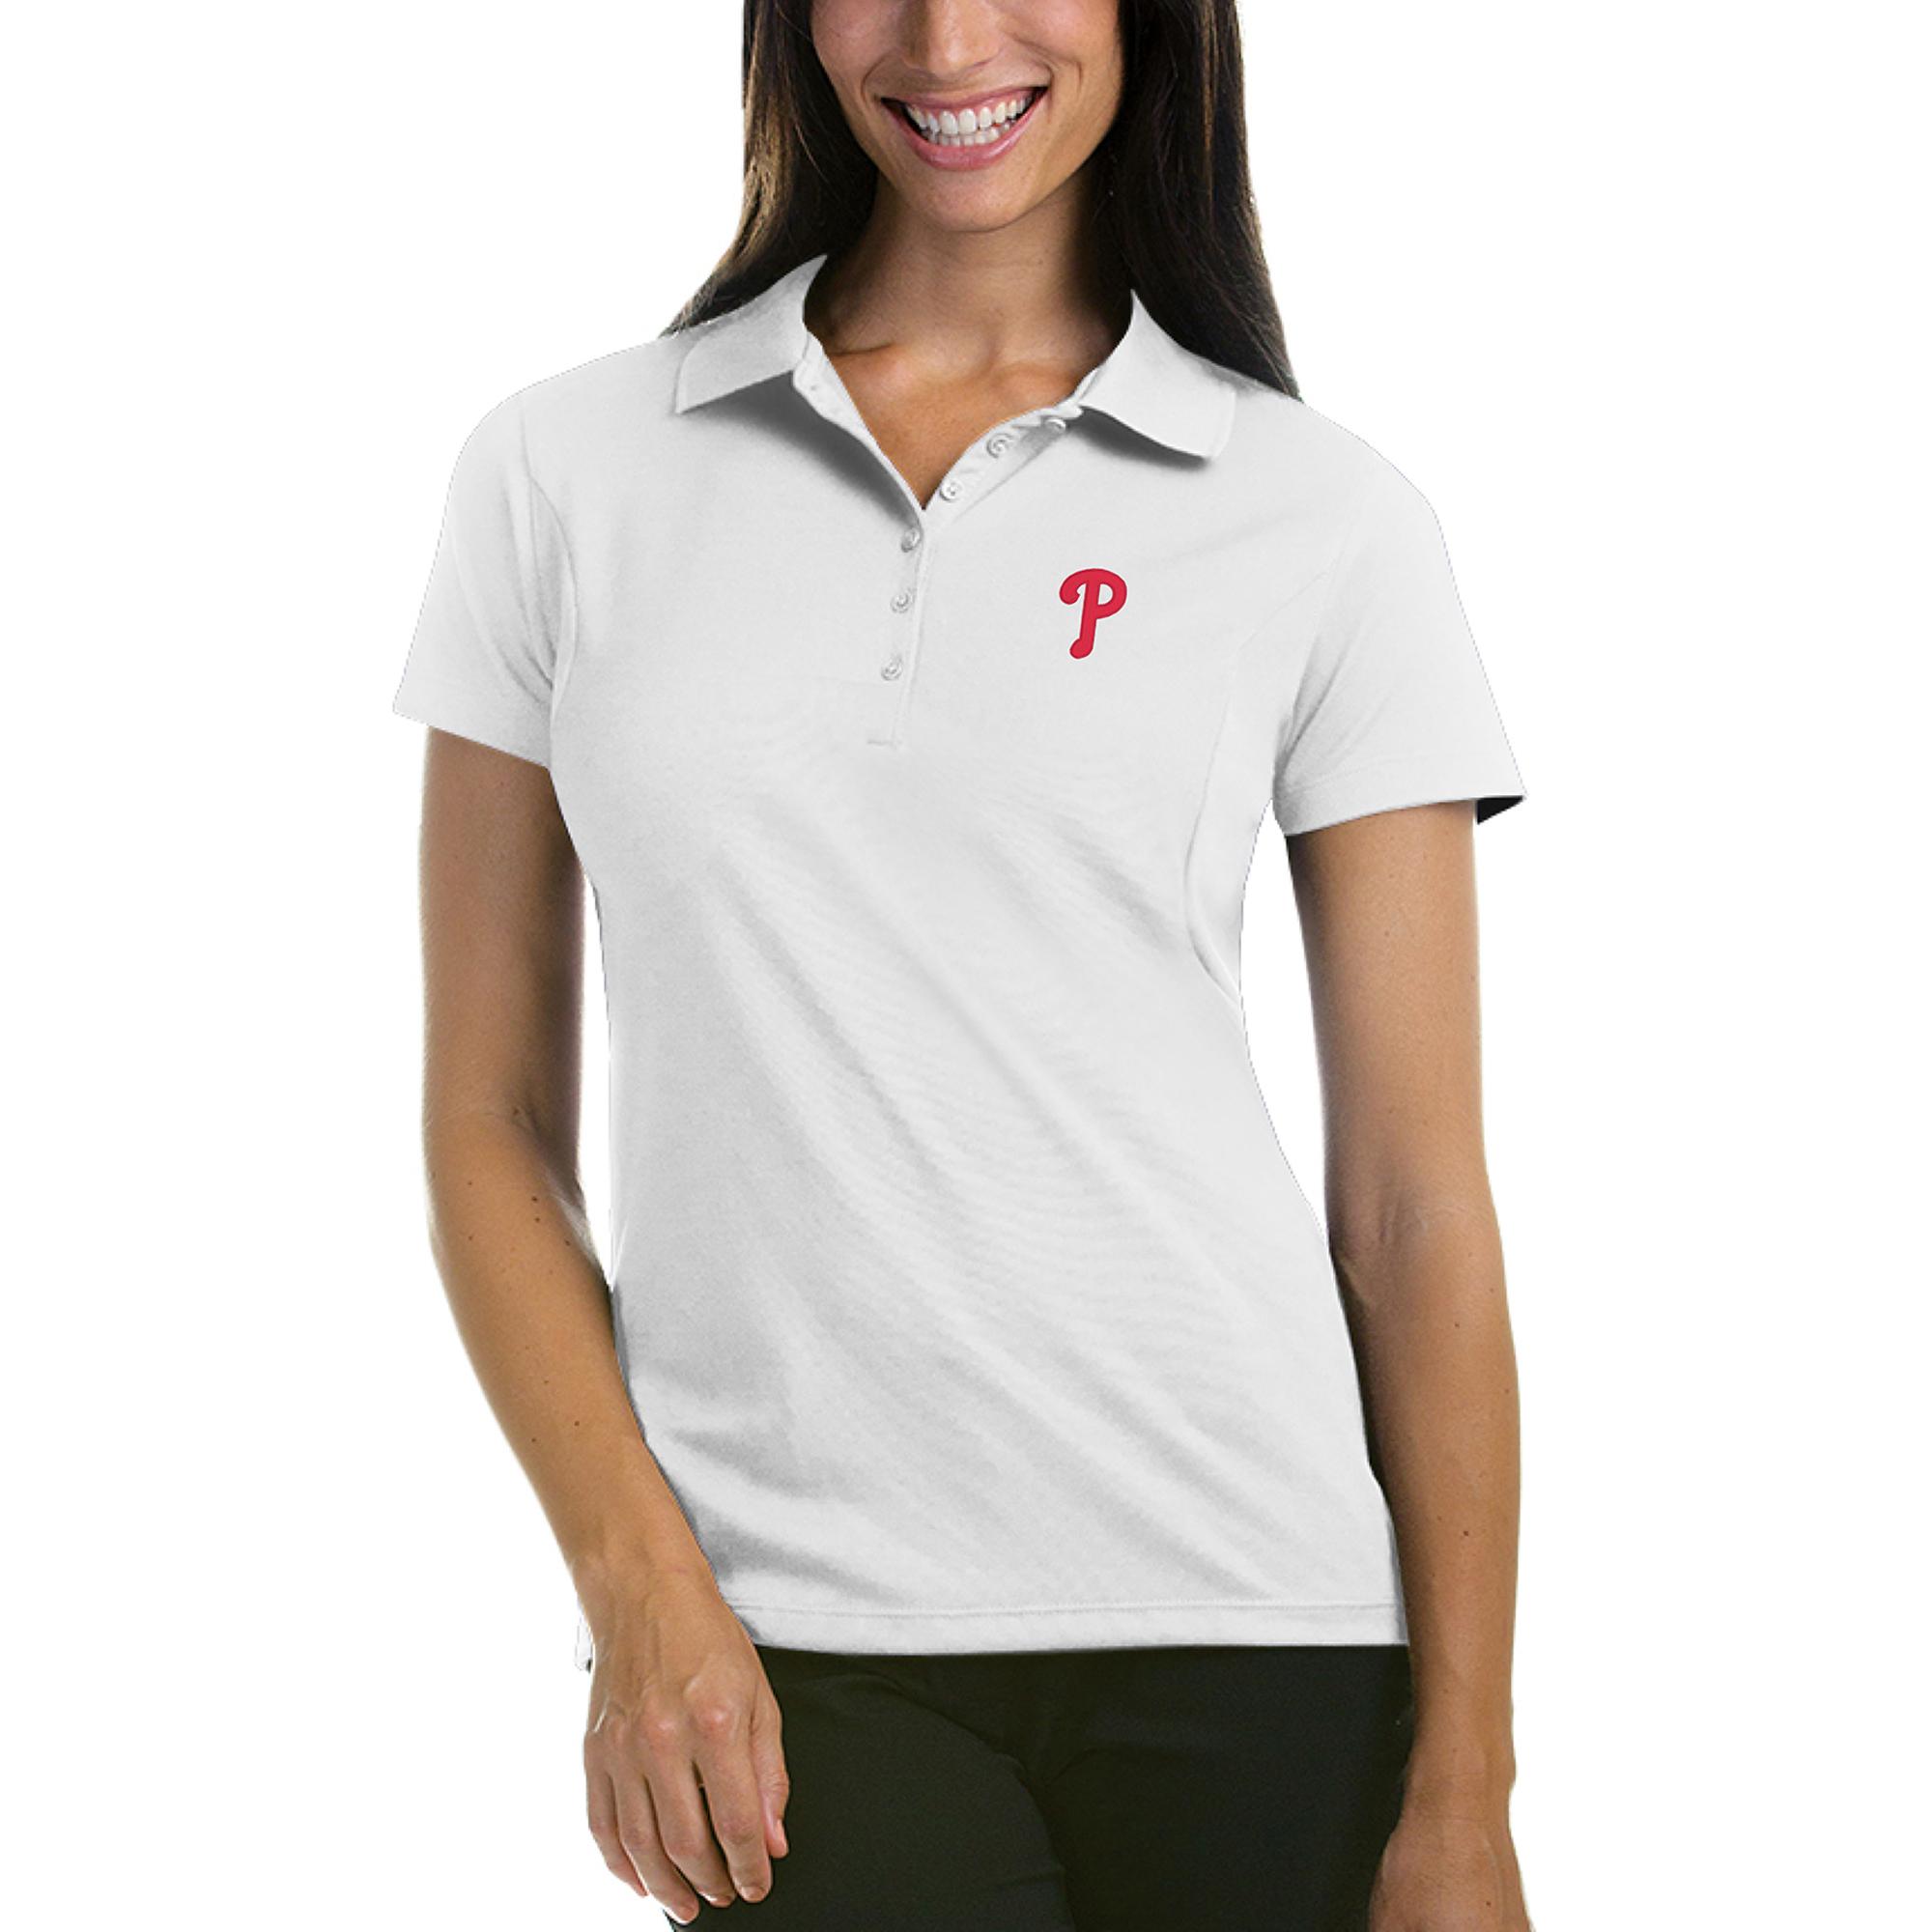 Philadelphia Phillies Antigua Women's Pique Xtra-Lite Polo - White